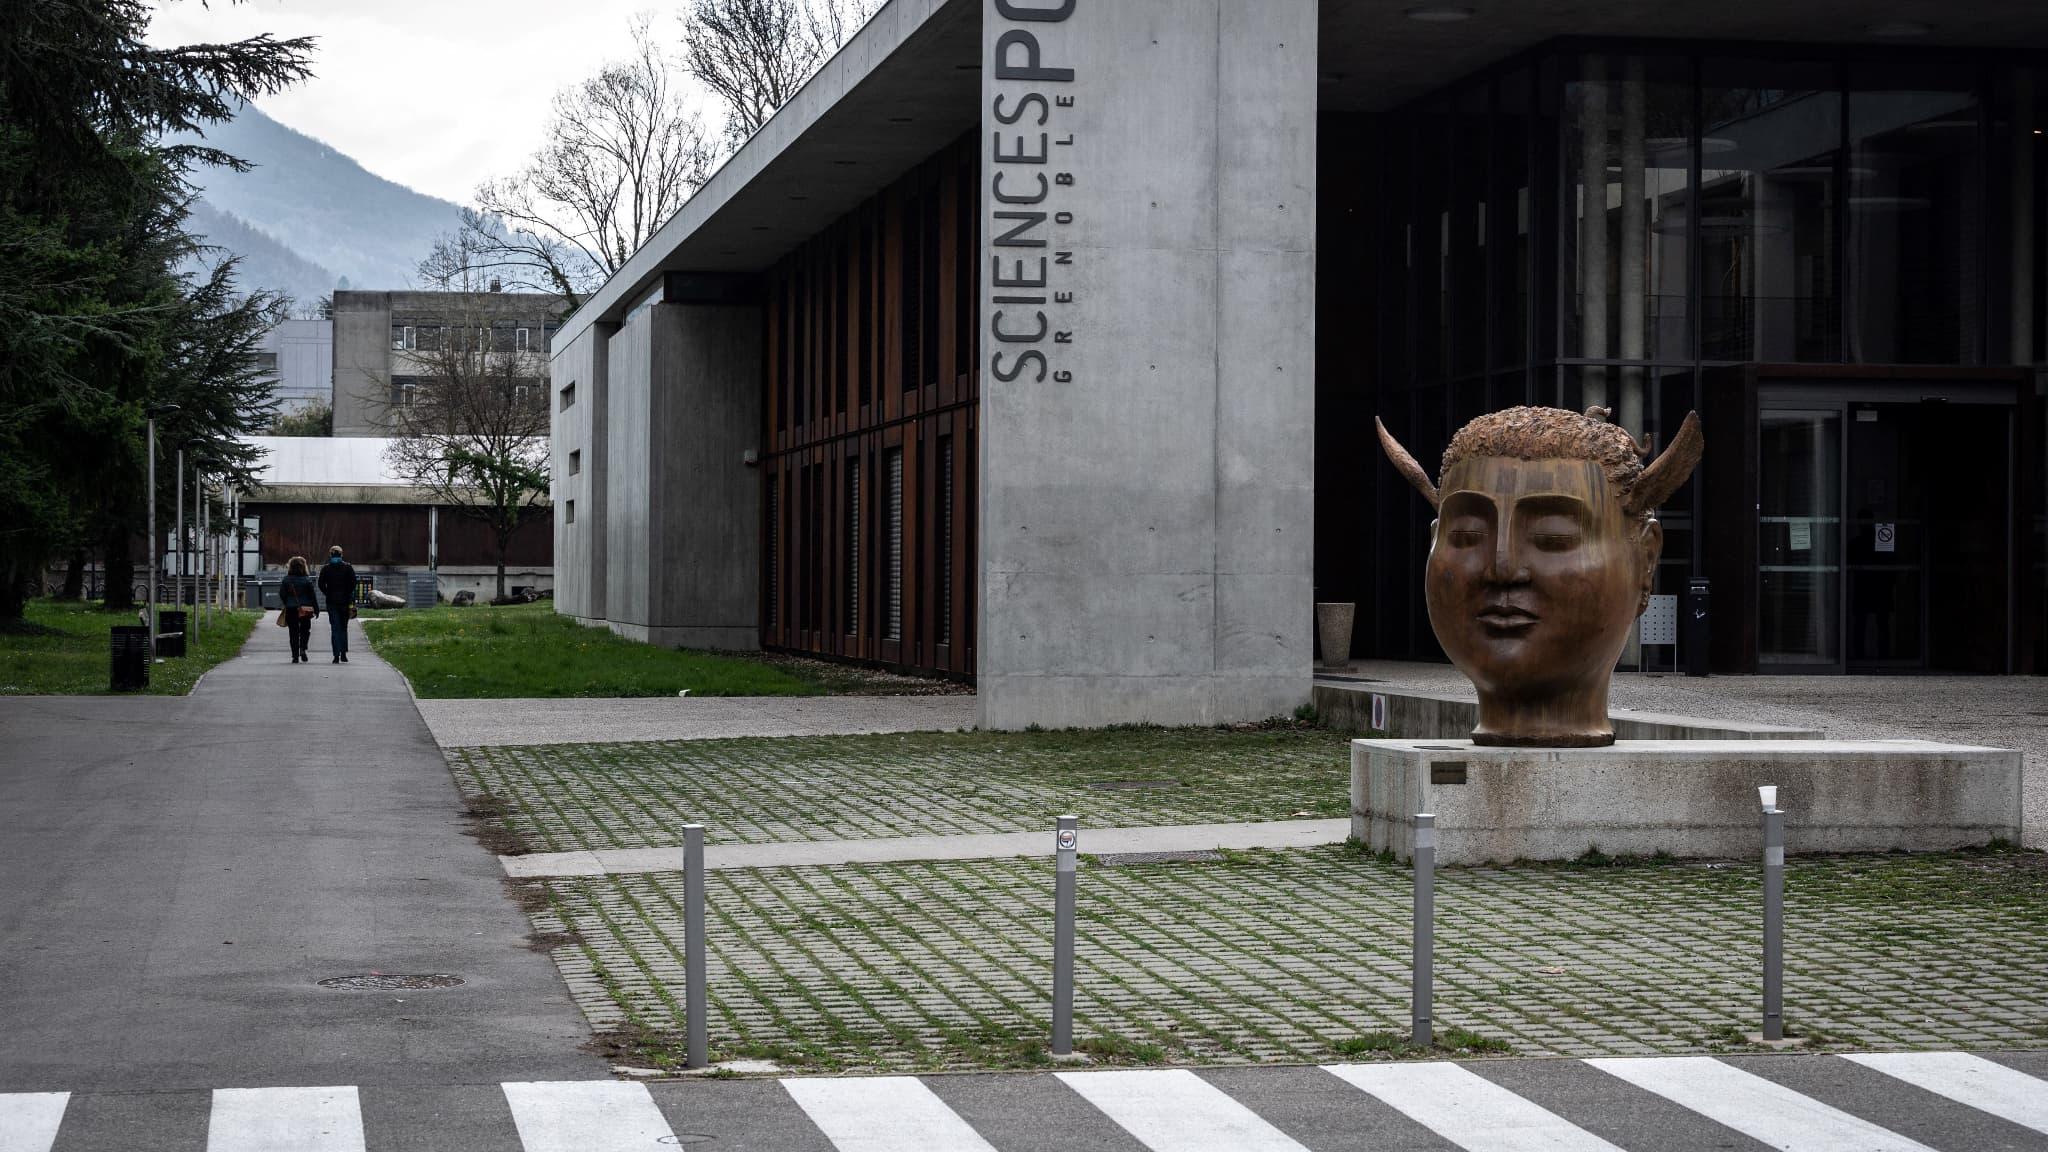 Sciences Po Grenoble: un étudiant témoigne sur les propos islamophobes attribués à l'un des professeurs - BFMTV